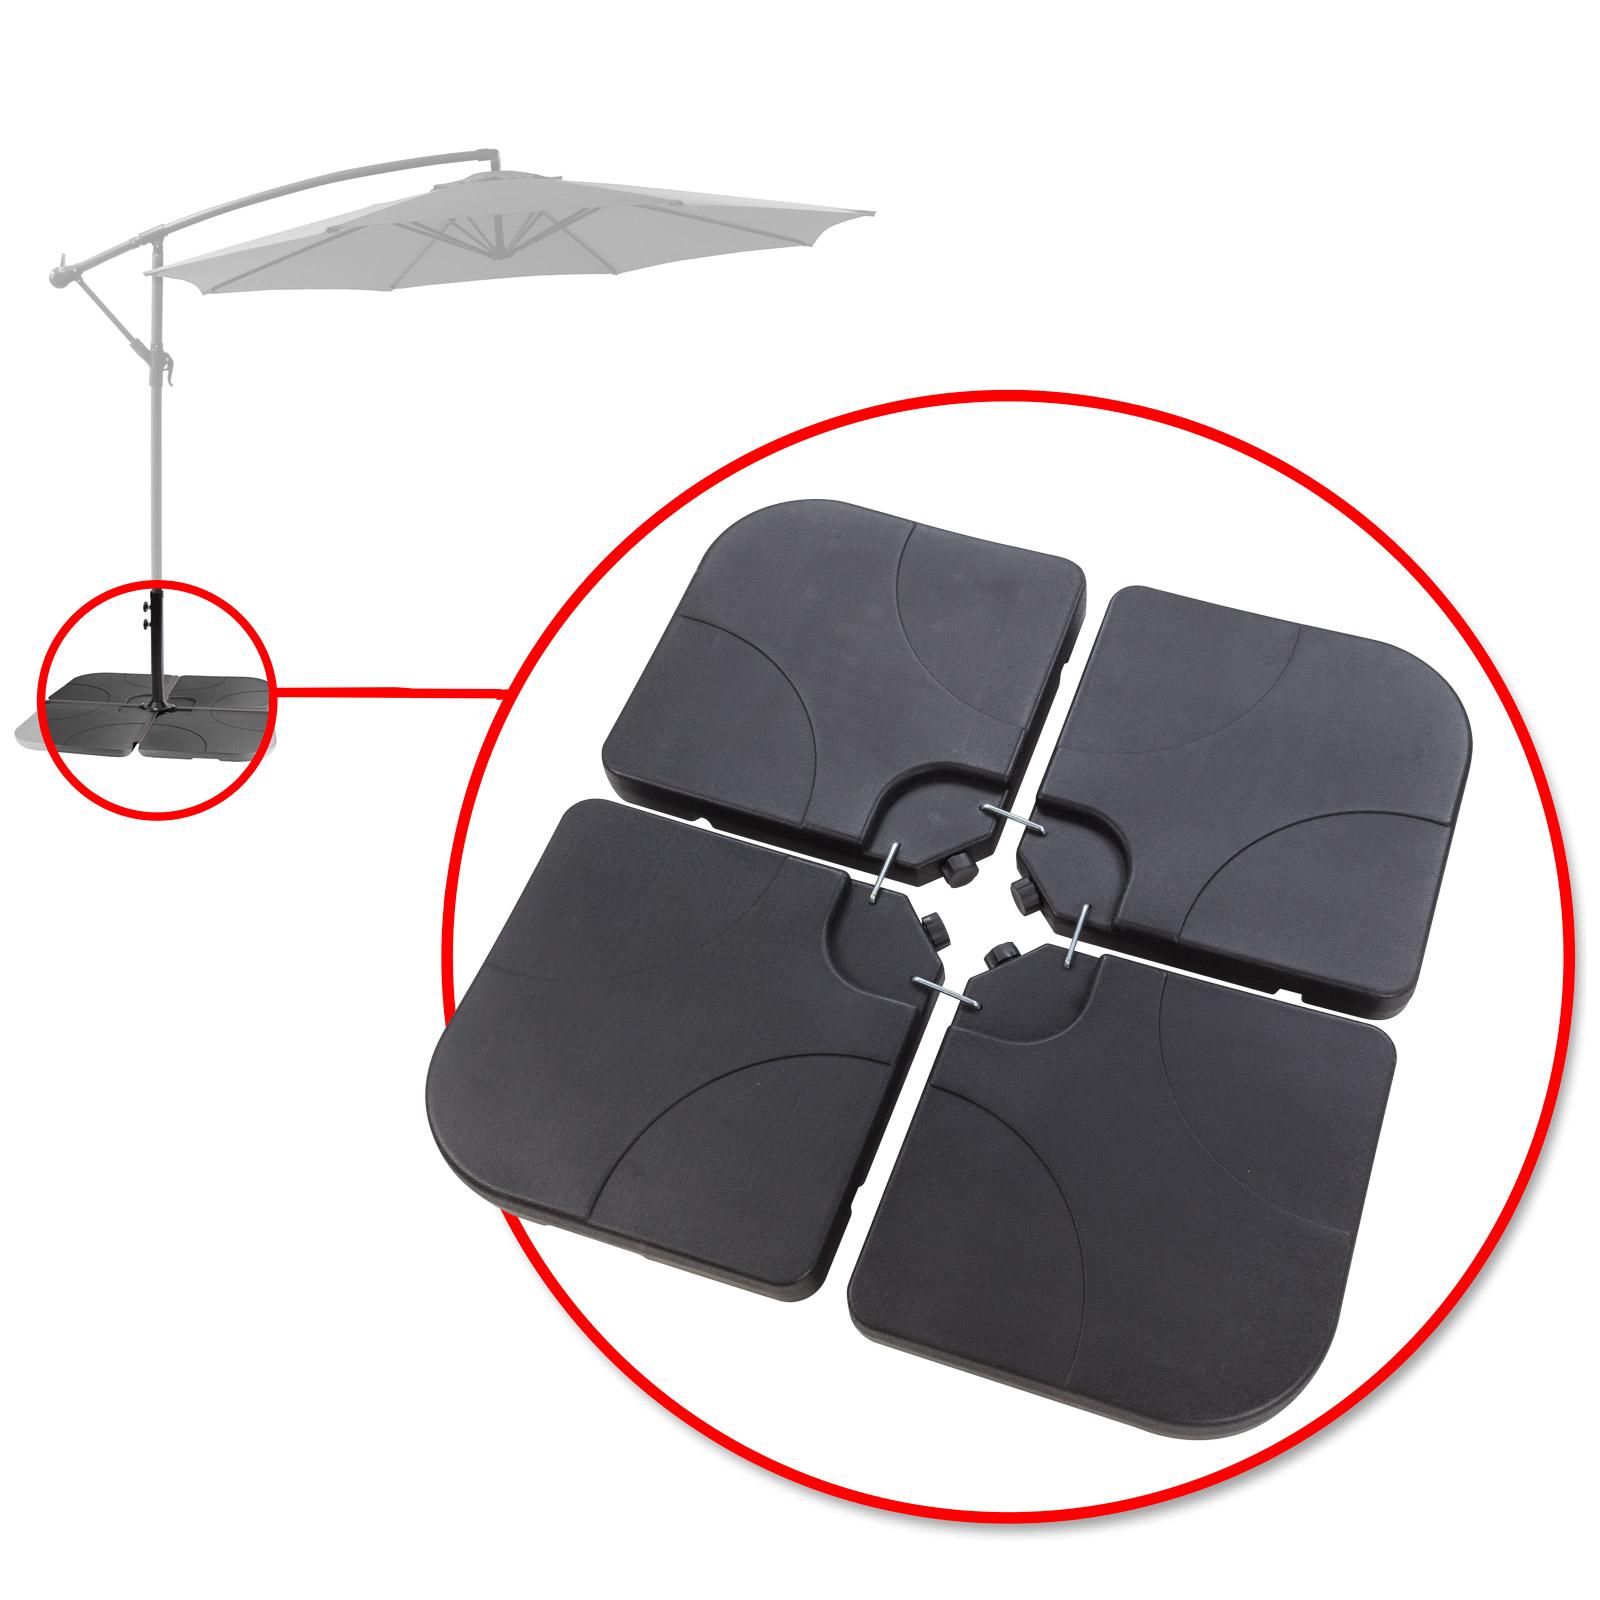 gewicht schirmgewicht sonnenschirmst nder schirmst nder sonnenschirm standfu ebay. Black Bedroom Furniture Sets. Home Design Ideas